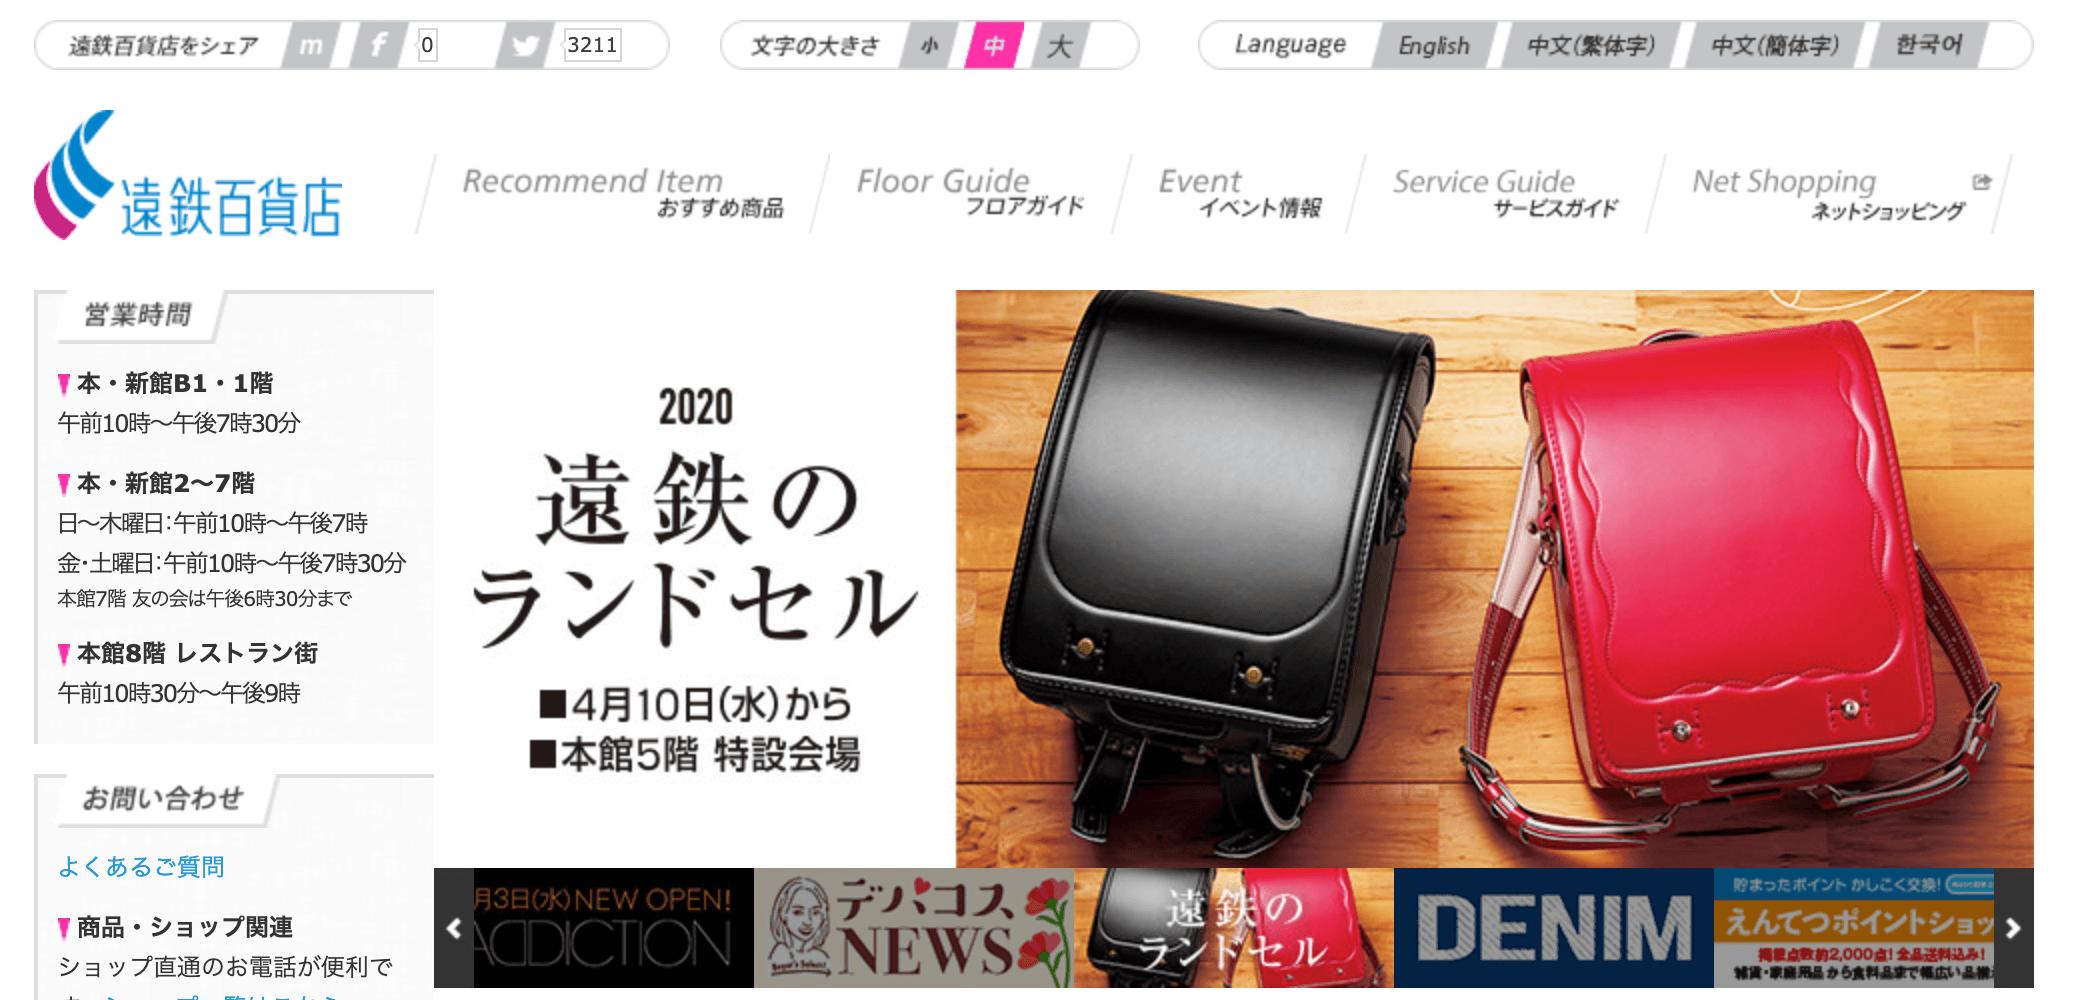 遠鉄百貨店 静岡 ランドセル 2020